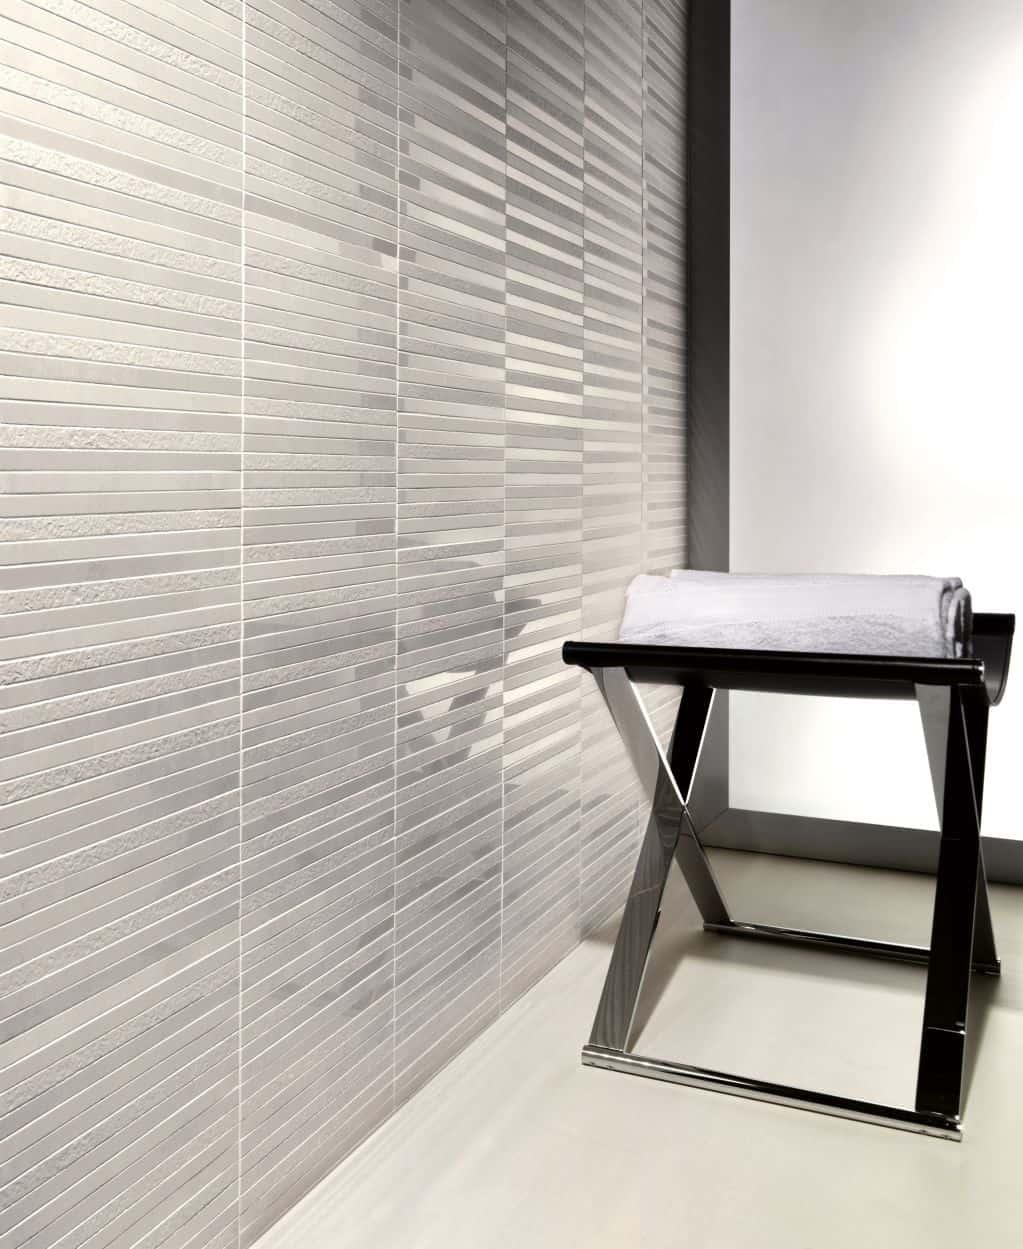 Gạch trang trí nhằm làm đẹp và bảo vệ tuổi thọ cho bức tường